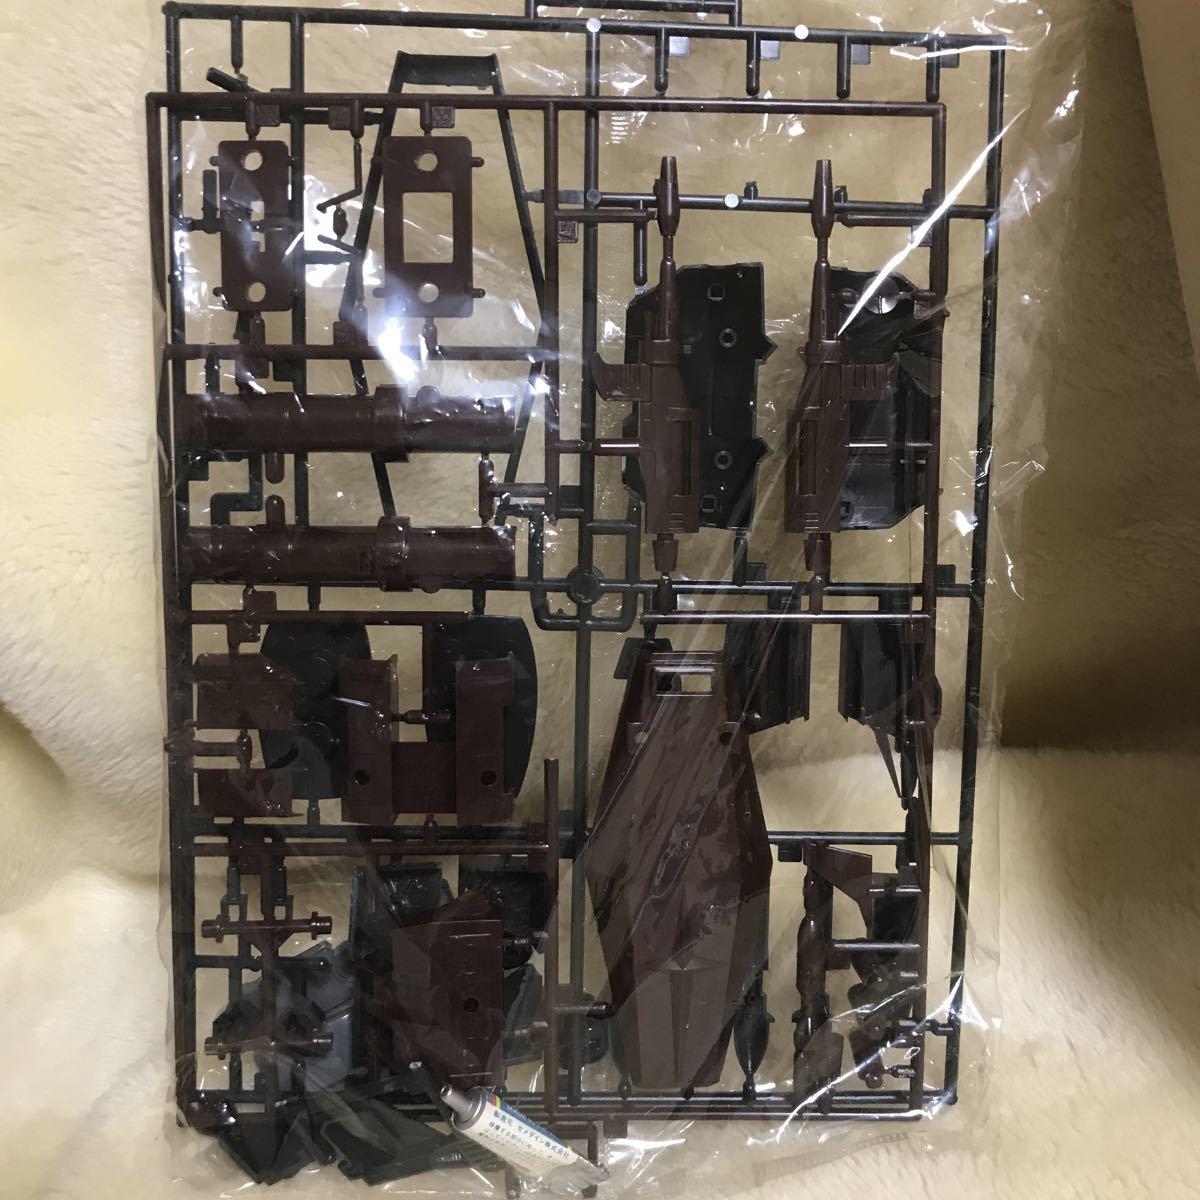 バンザイマーク 旧バンダイ機動戦士ガンダム ガンプラ 昭和レトロ 当時物 旧キット 連邦軍モビルスーツリアルタイプガンダム RX-78_画像8